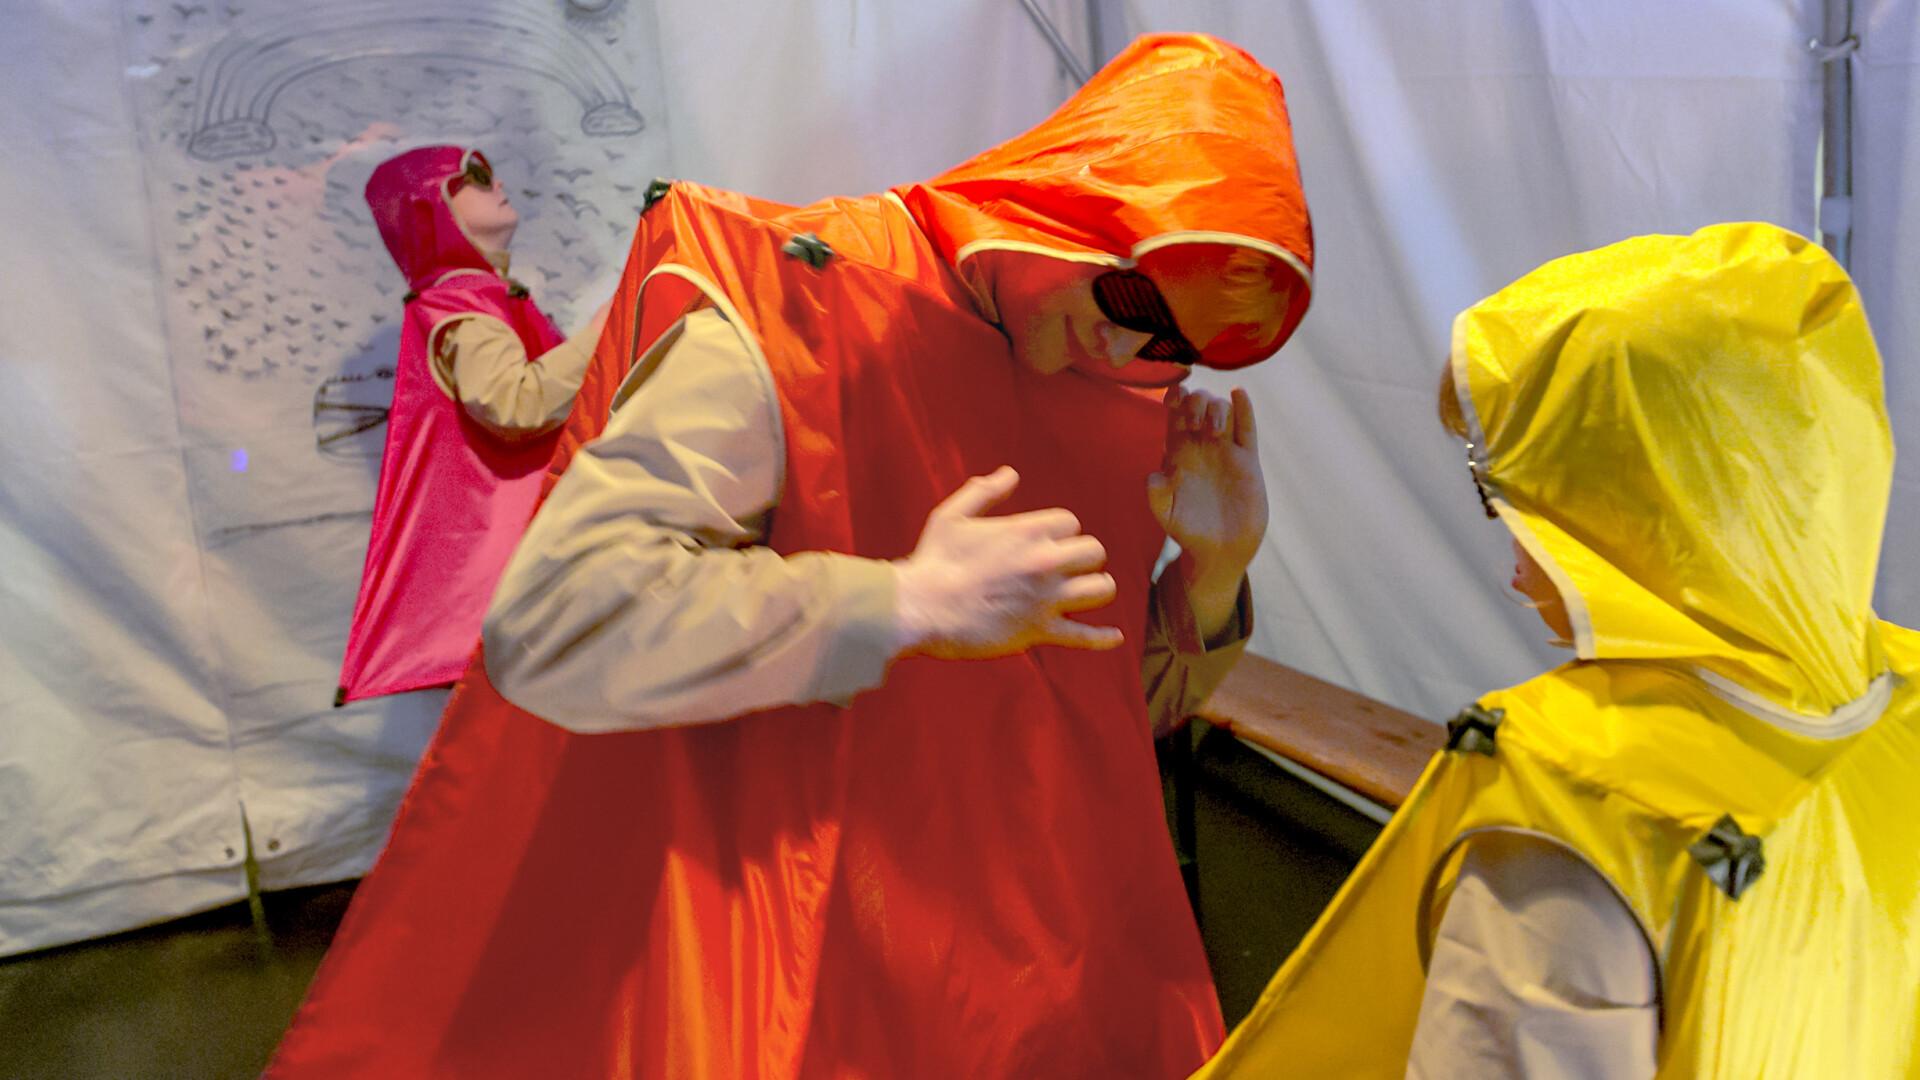 Szenenfoto aus einer Aufführung: Drei Personen in futuristisch eckigen Plastikkostümen und mit Sonnenbrille tanzen.